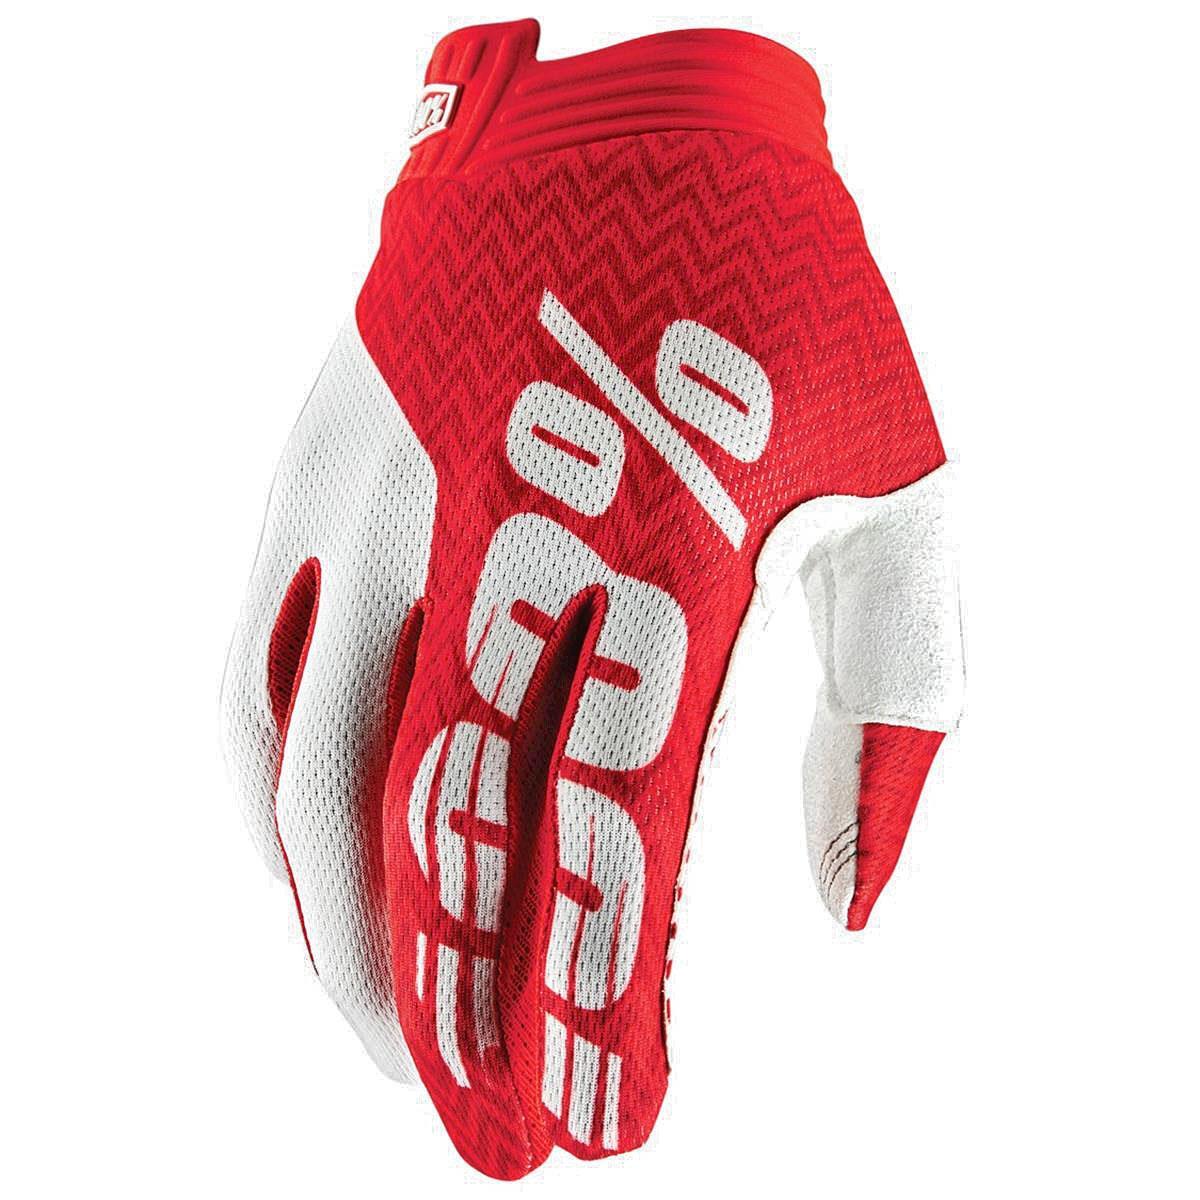 100% Bike-Handschuhe iTrack Rot/Weiß